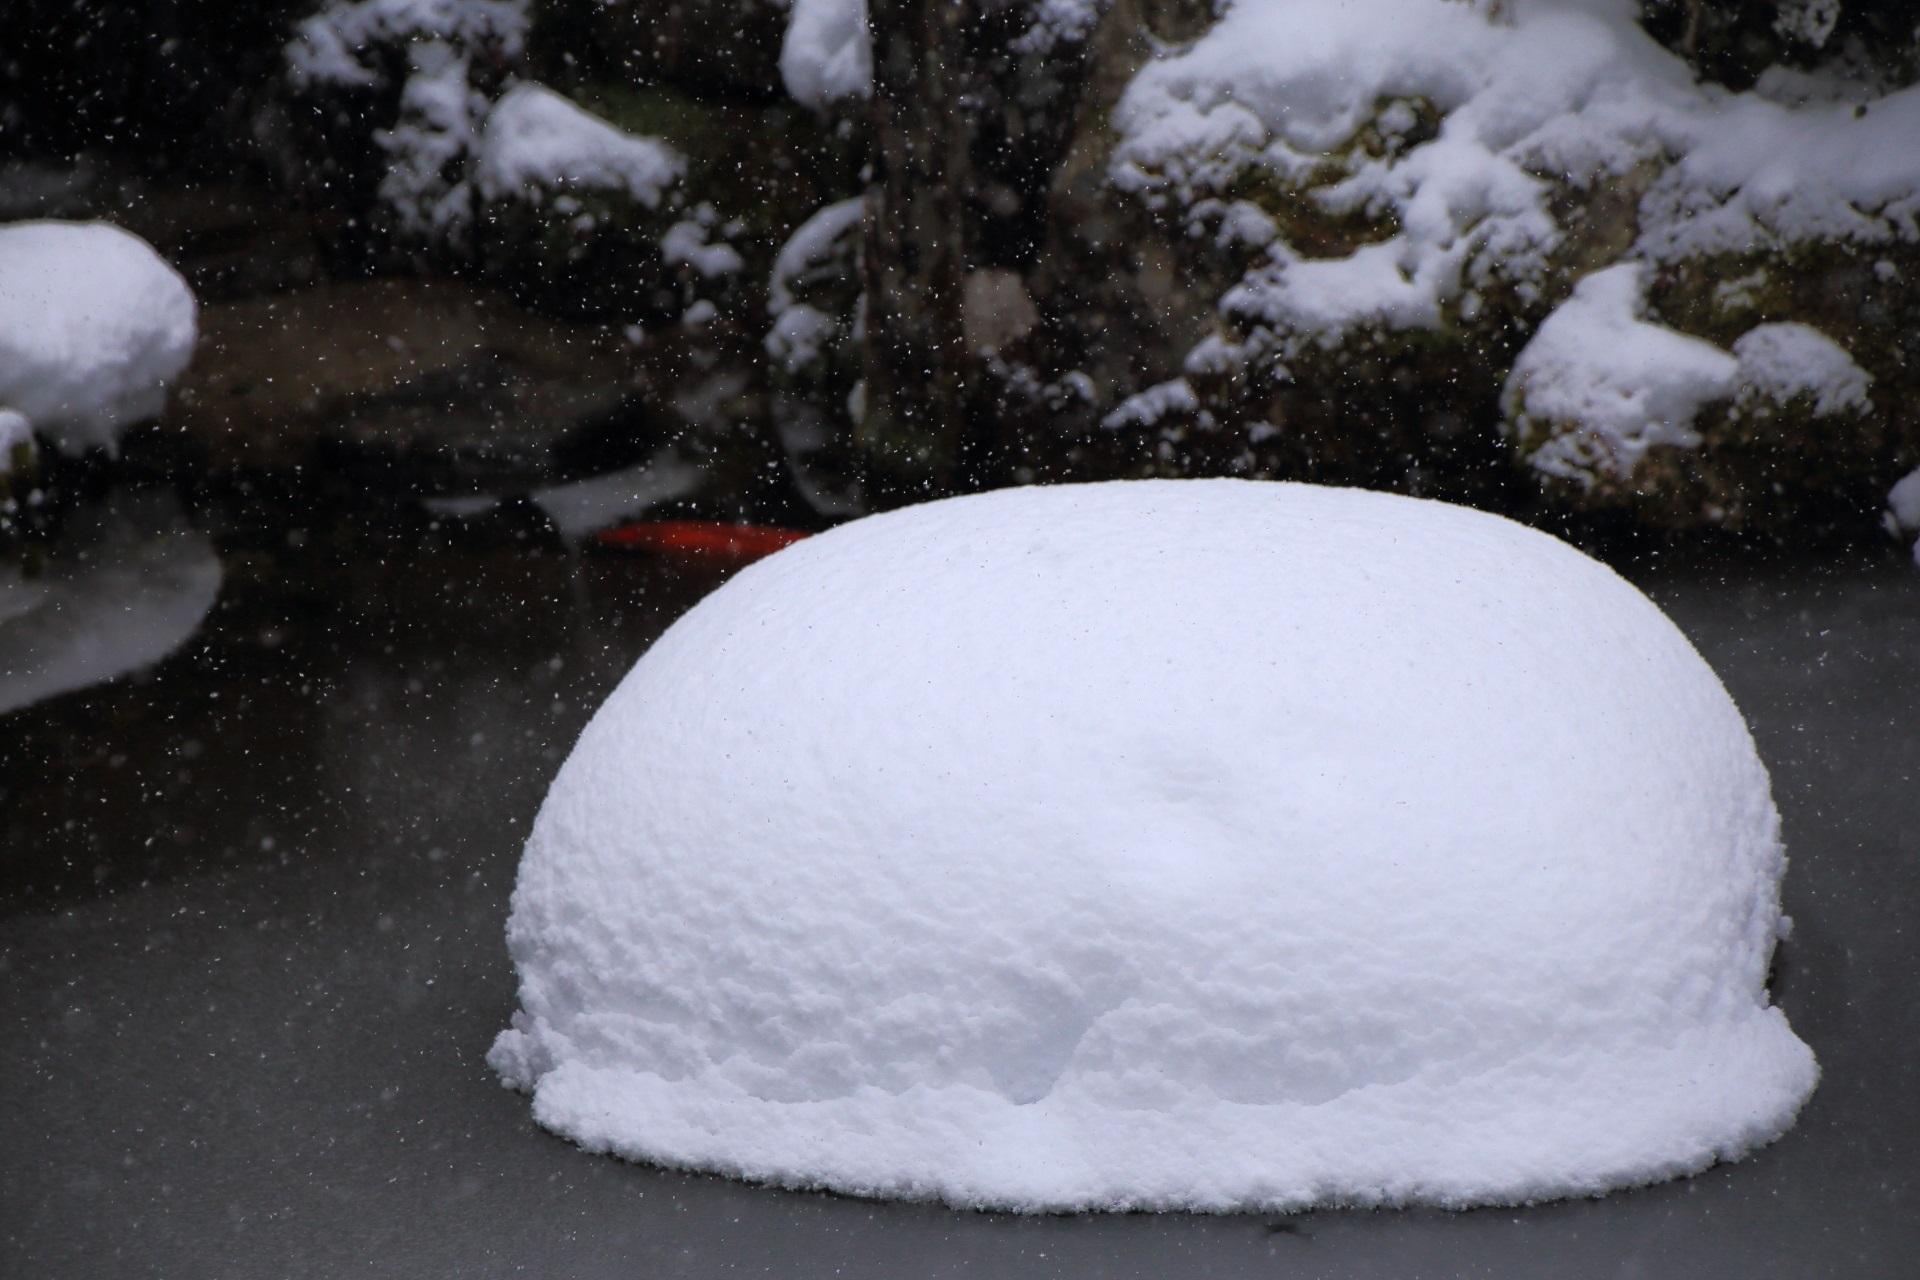 雪見大福のようなふわふわの丸い雪